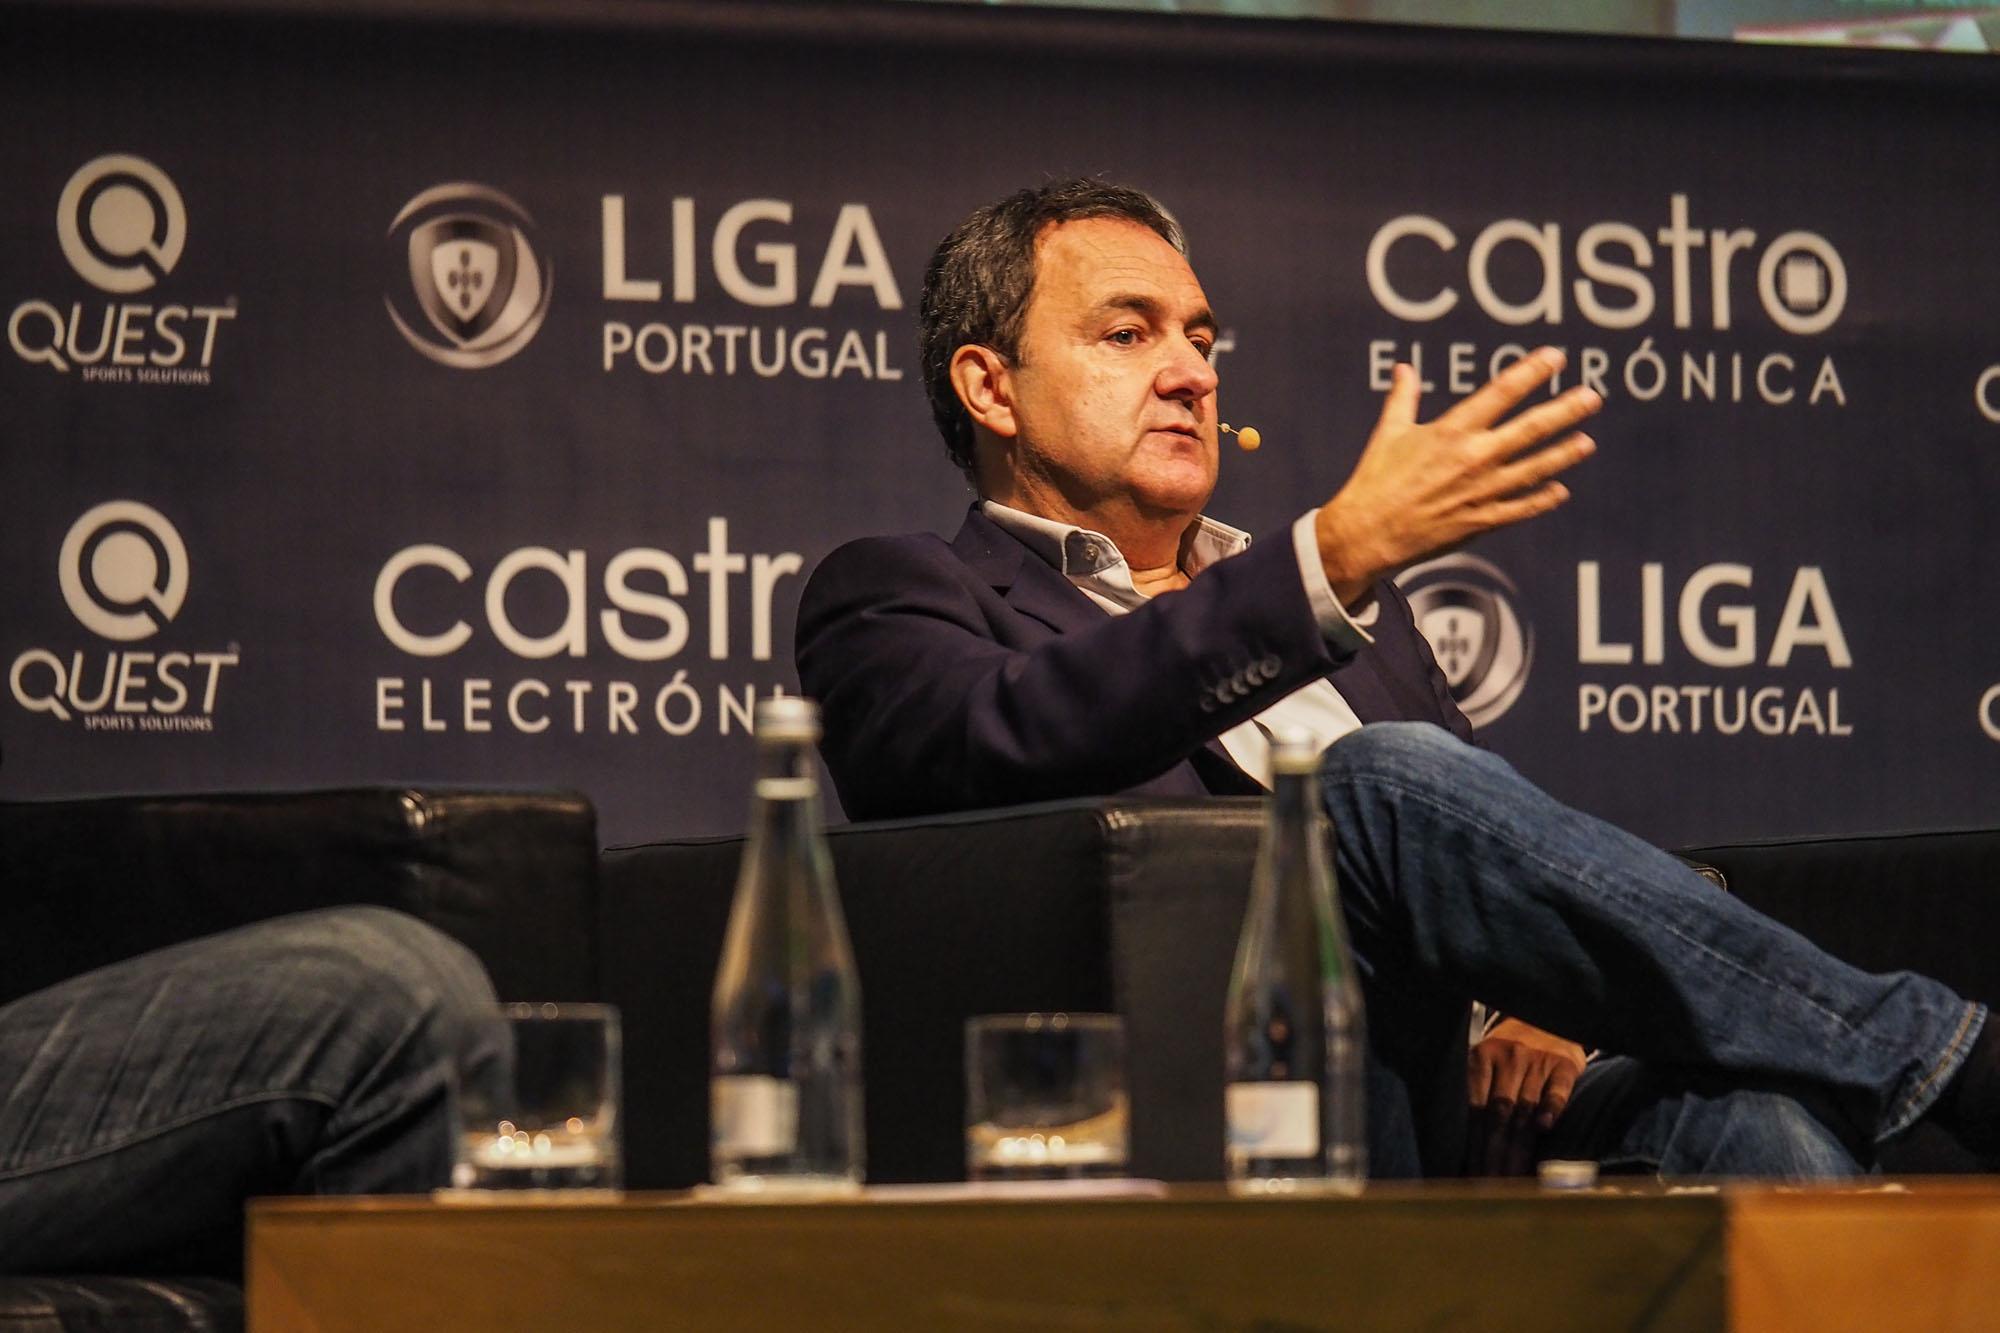 Luís Freitas Lobo